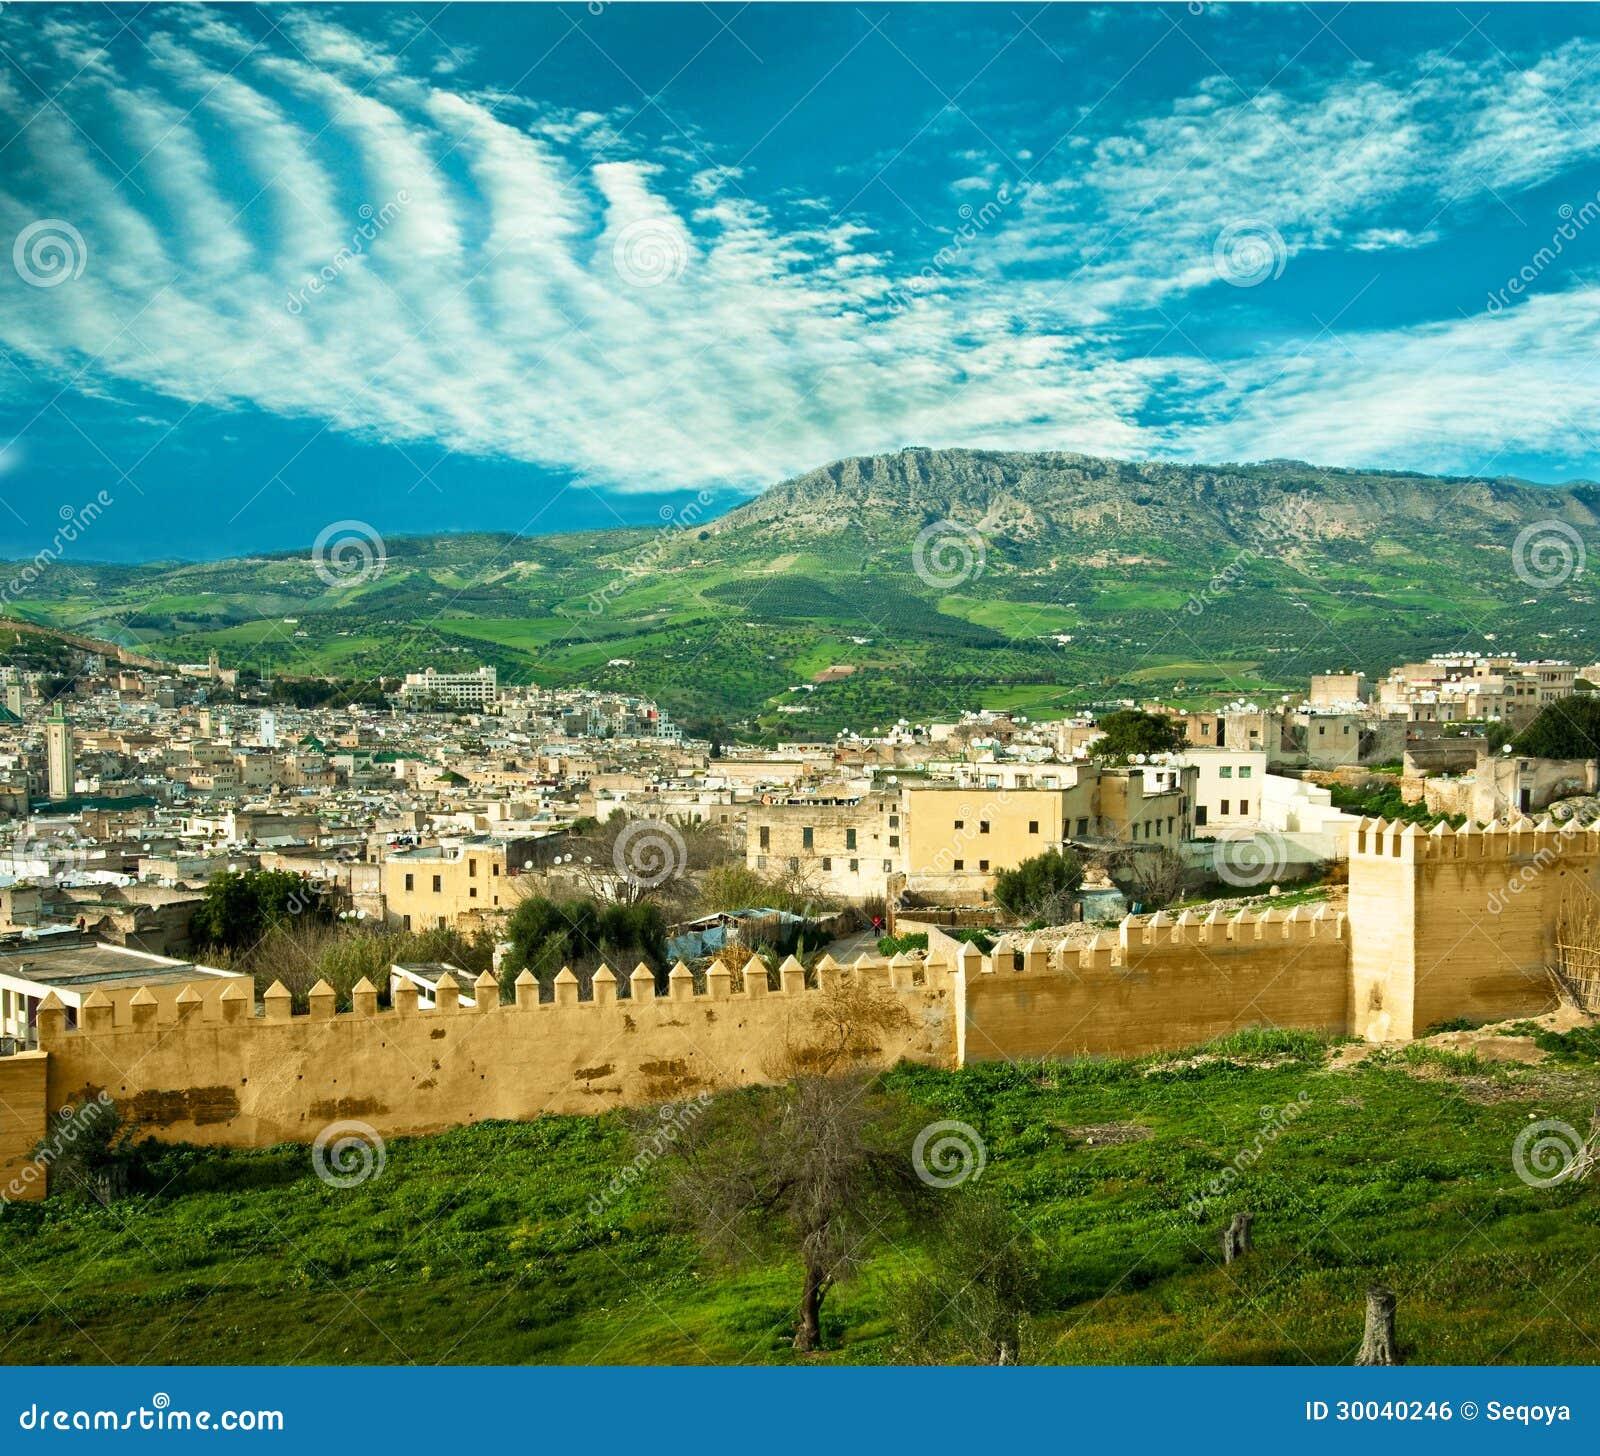 Le maroc un paysage d 39 un mur de ville photo stock image for Paysage de ville